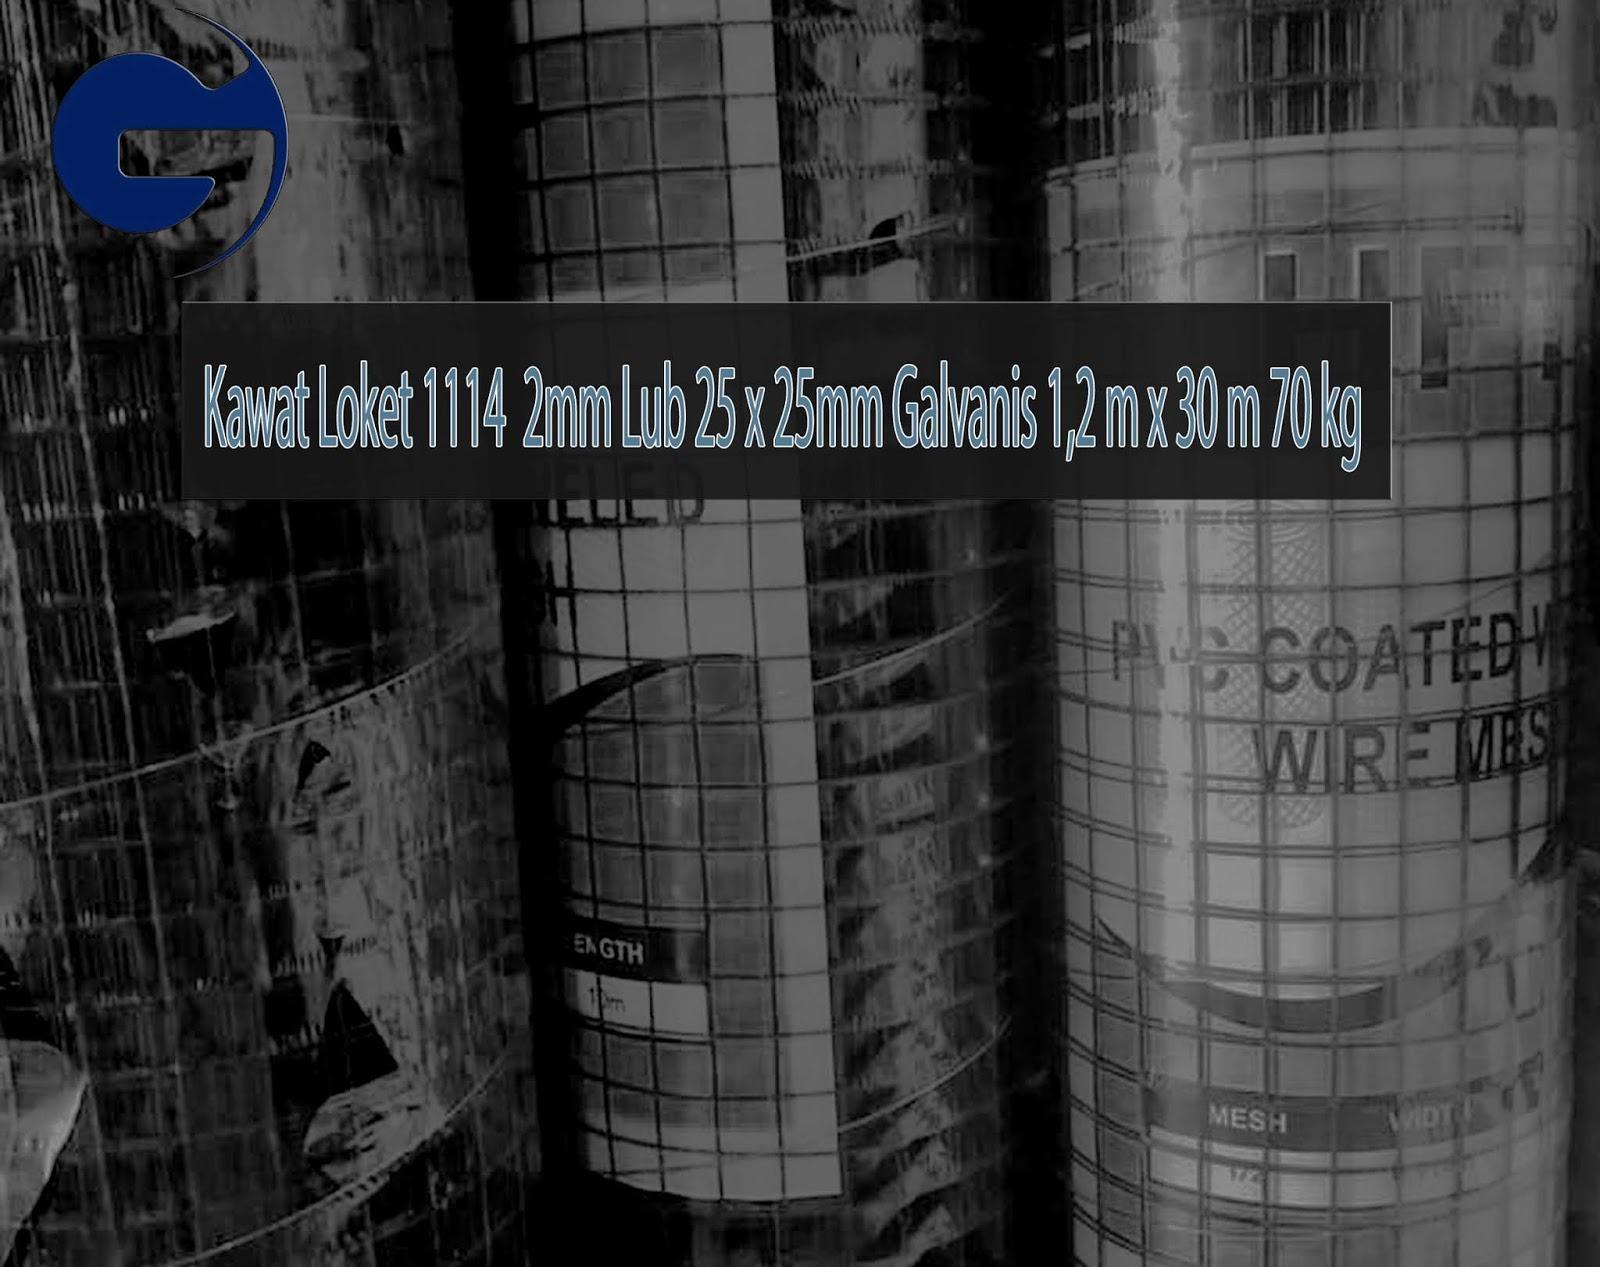 Jual Kawat Loket 1114 2mm Lub 25 x 25mm Galvanis 1,2m x 30m 70 kg